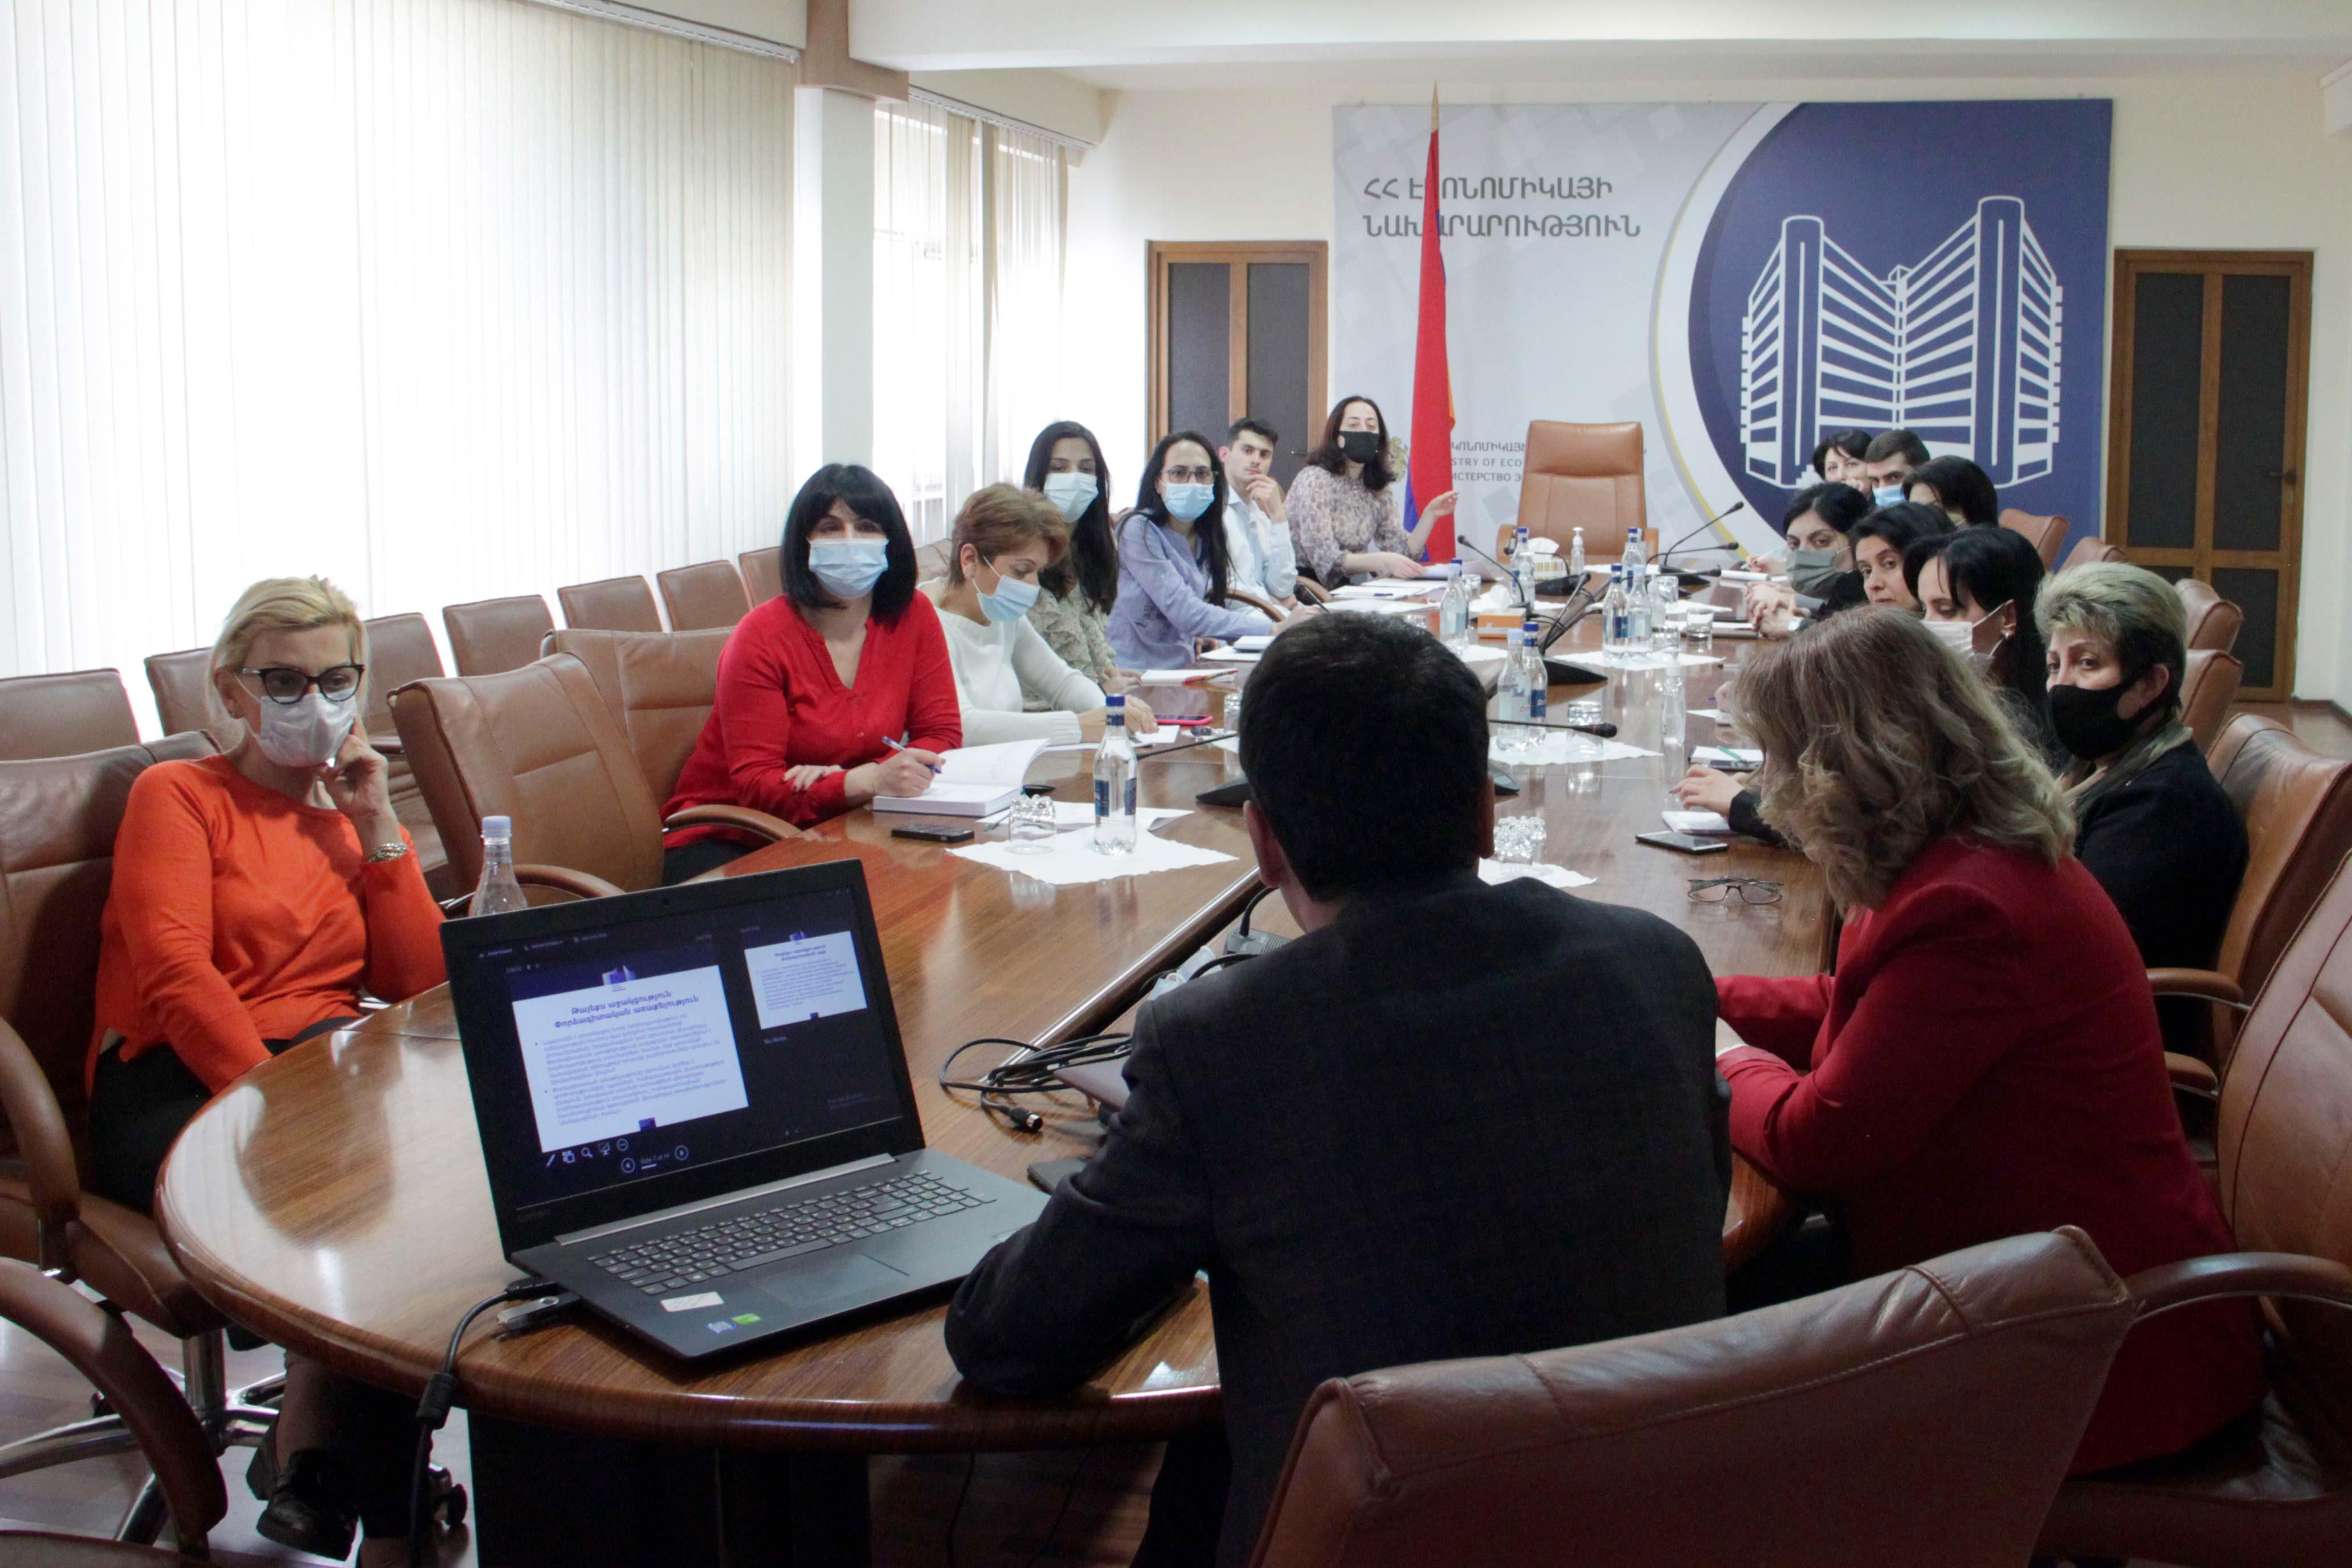 ԵՄ ինստիտուցիոնալ կարողությունների հզորացման Թայեքս գործիքի կիրառմանը նվիրված քննարկում ՀՀ էկոնոմիկայի նախարարությունում